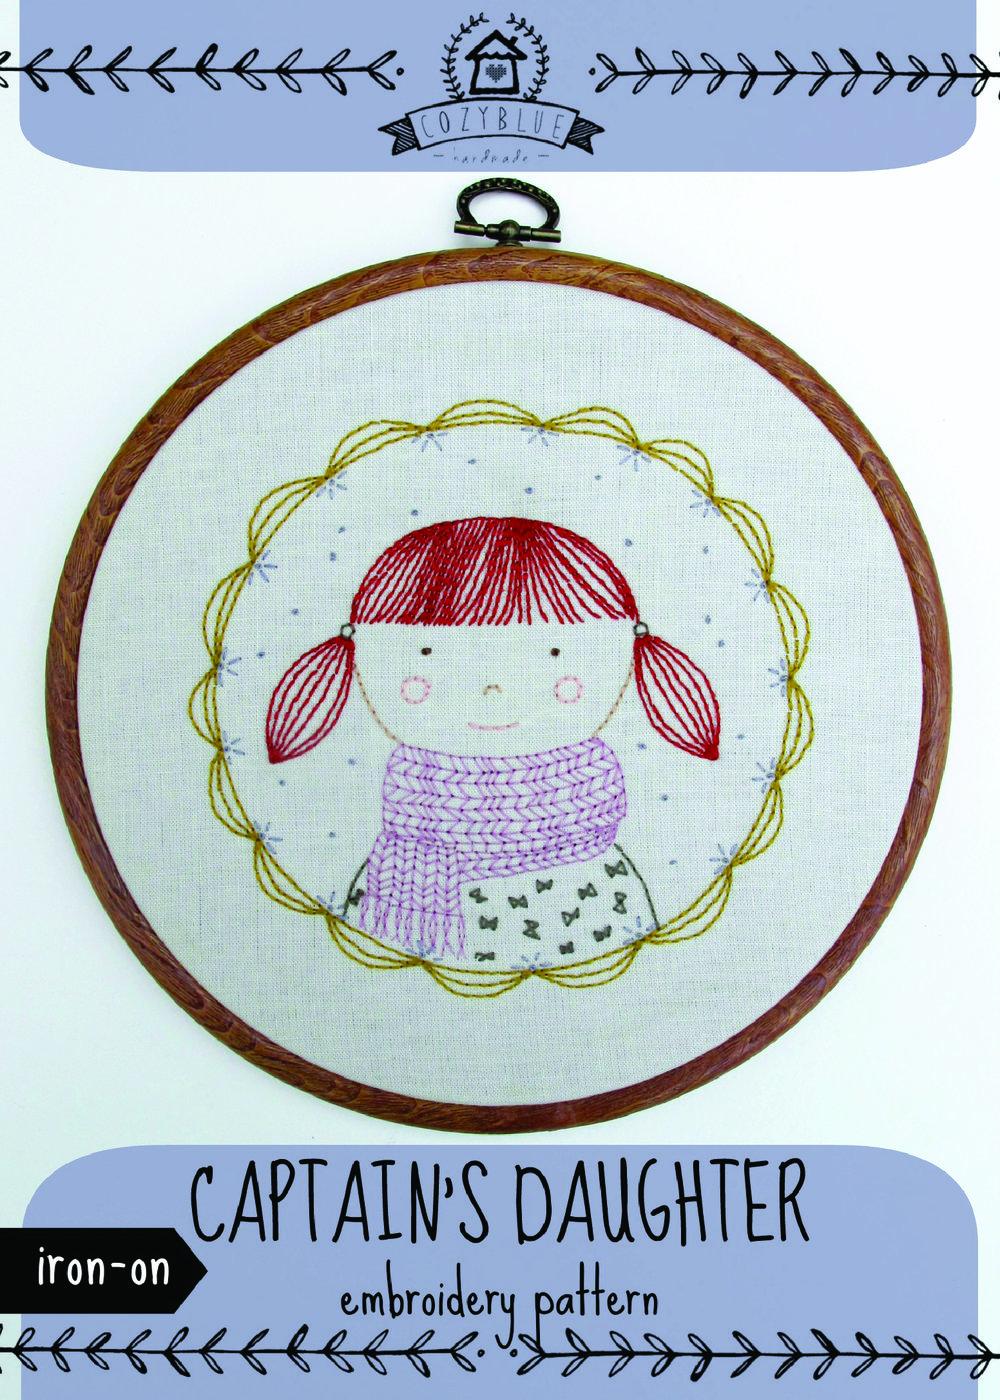 captainsdaughtercard1bleed.jpg